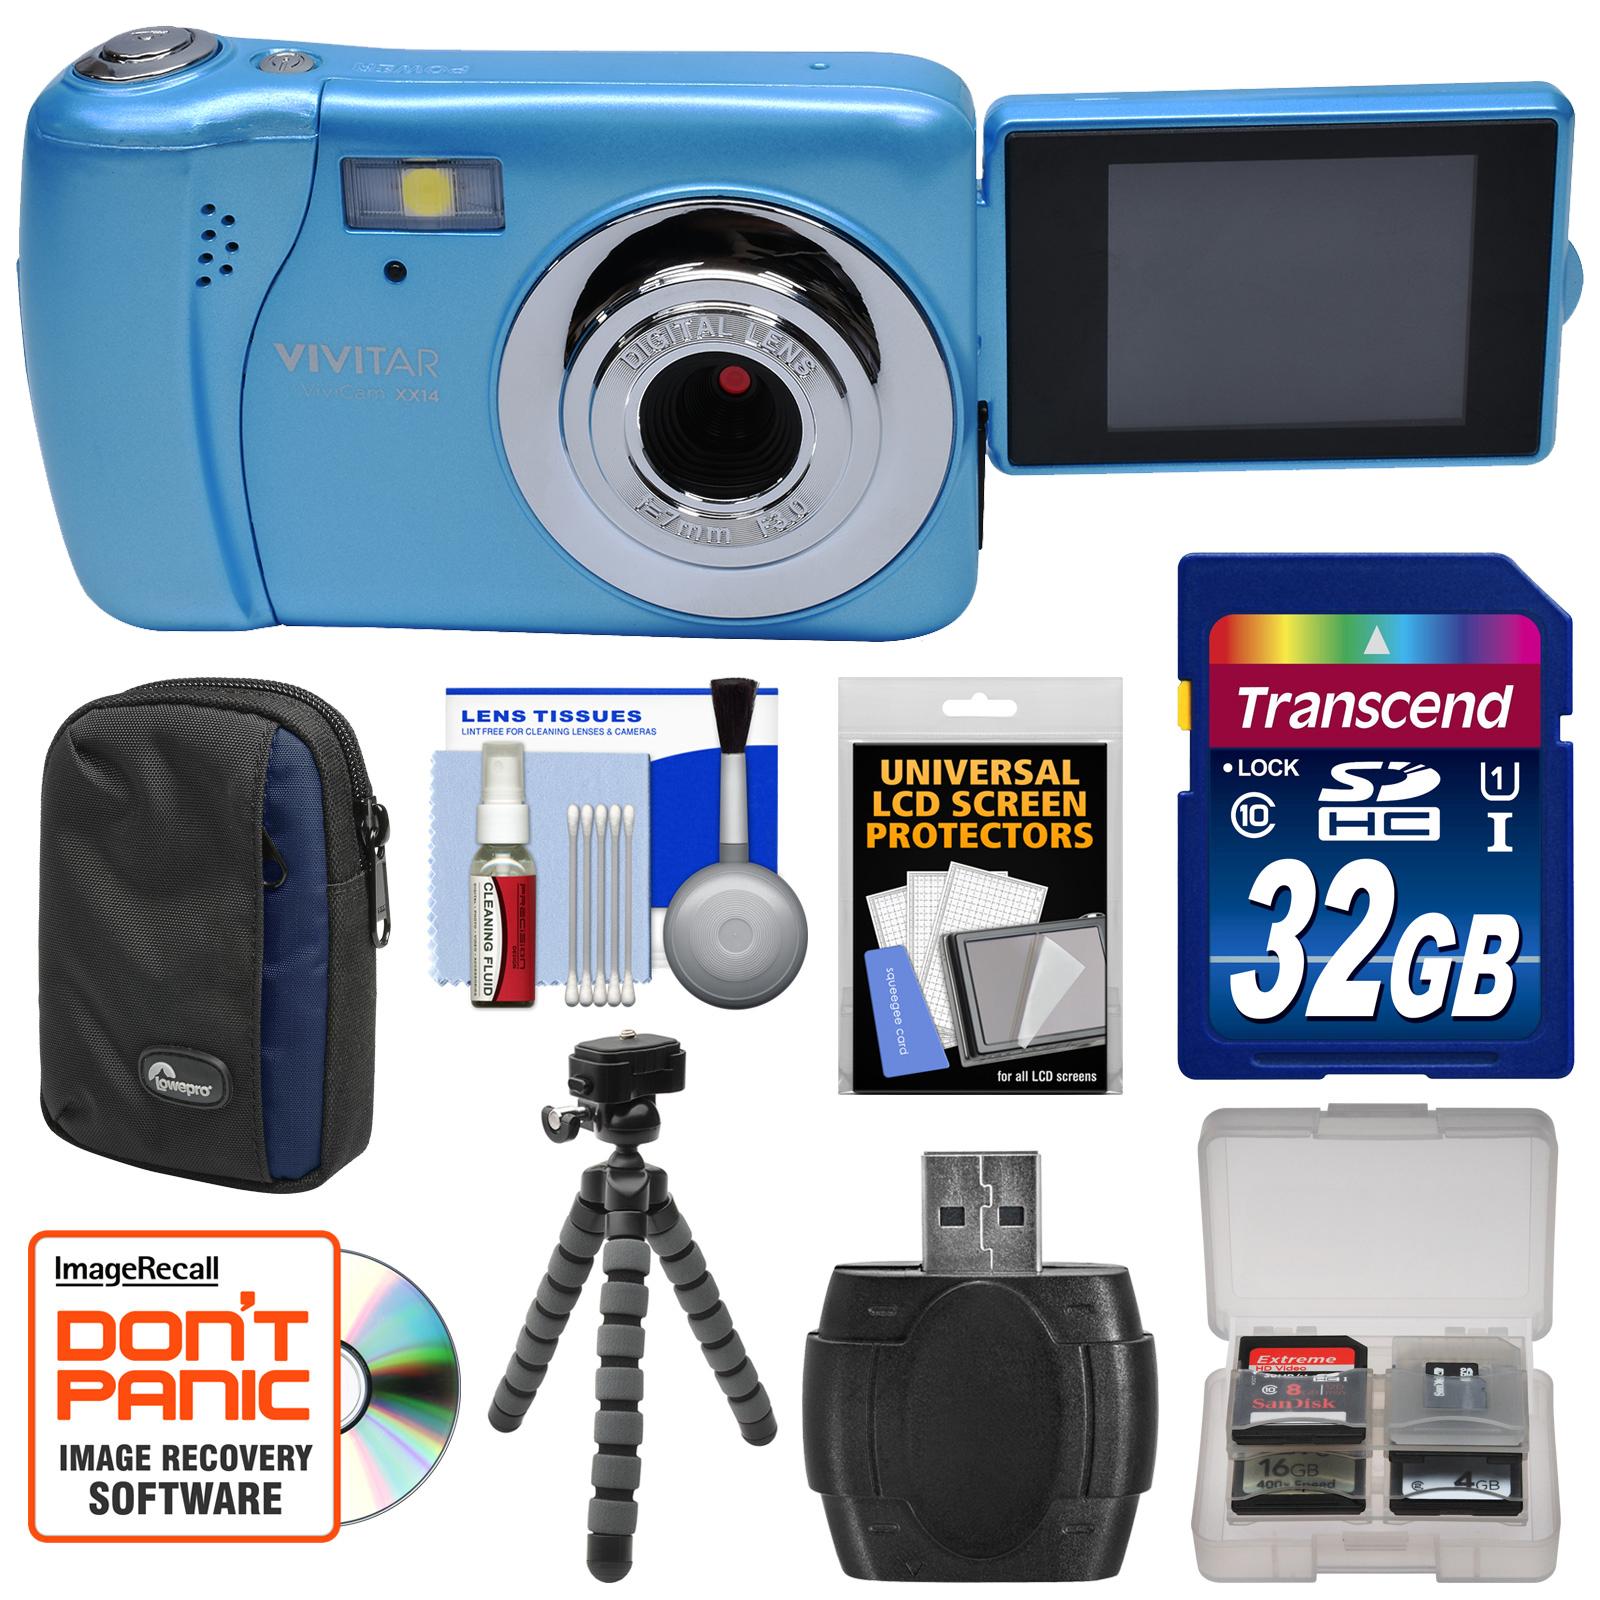 Vivitar ViviCam VXX14 Selfie Digital Camera (Blue) with 32GB Card + Case + Flex Tripod + Reader + Kit by Vivitar